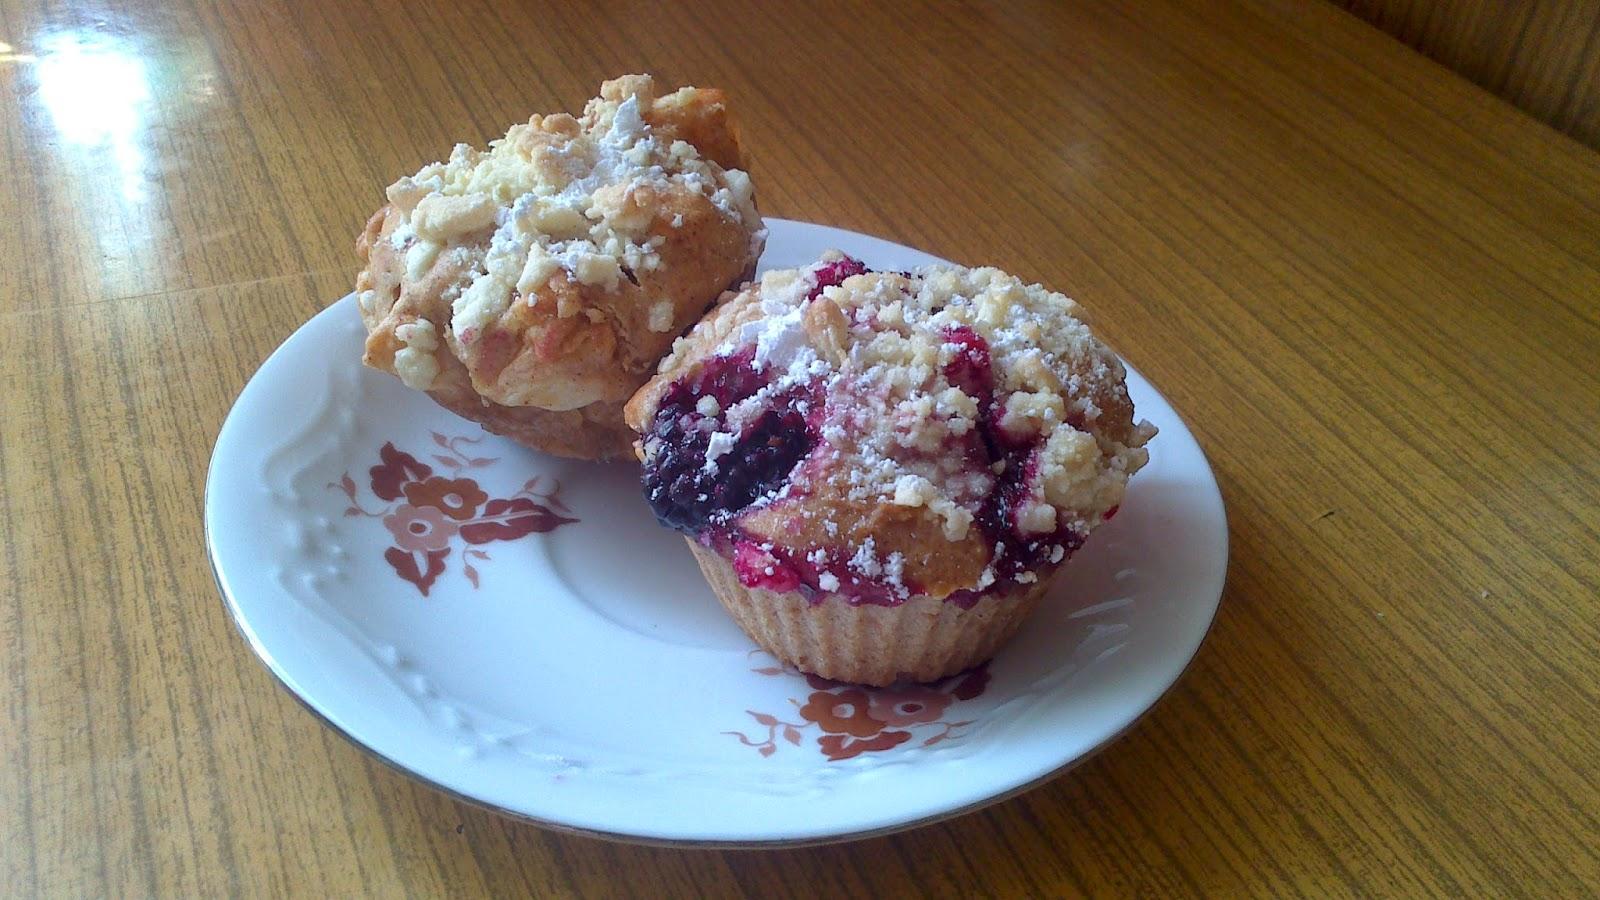 Owocowy zawrót głowy czyli słów kilka o słodkich muffinkach...